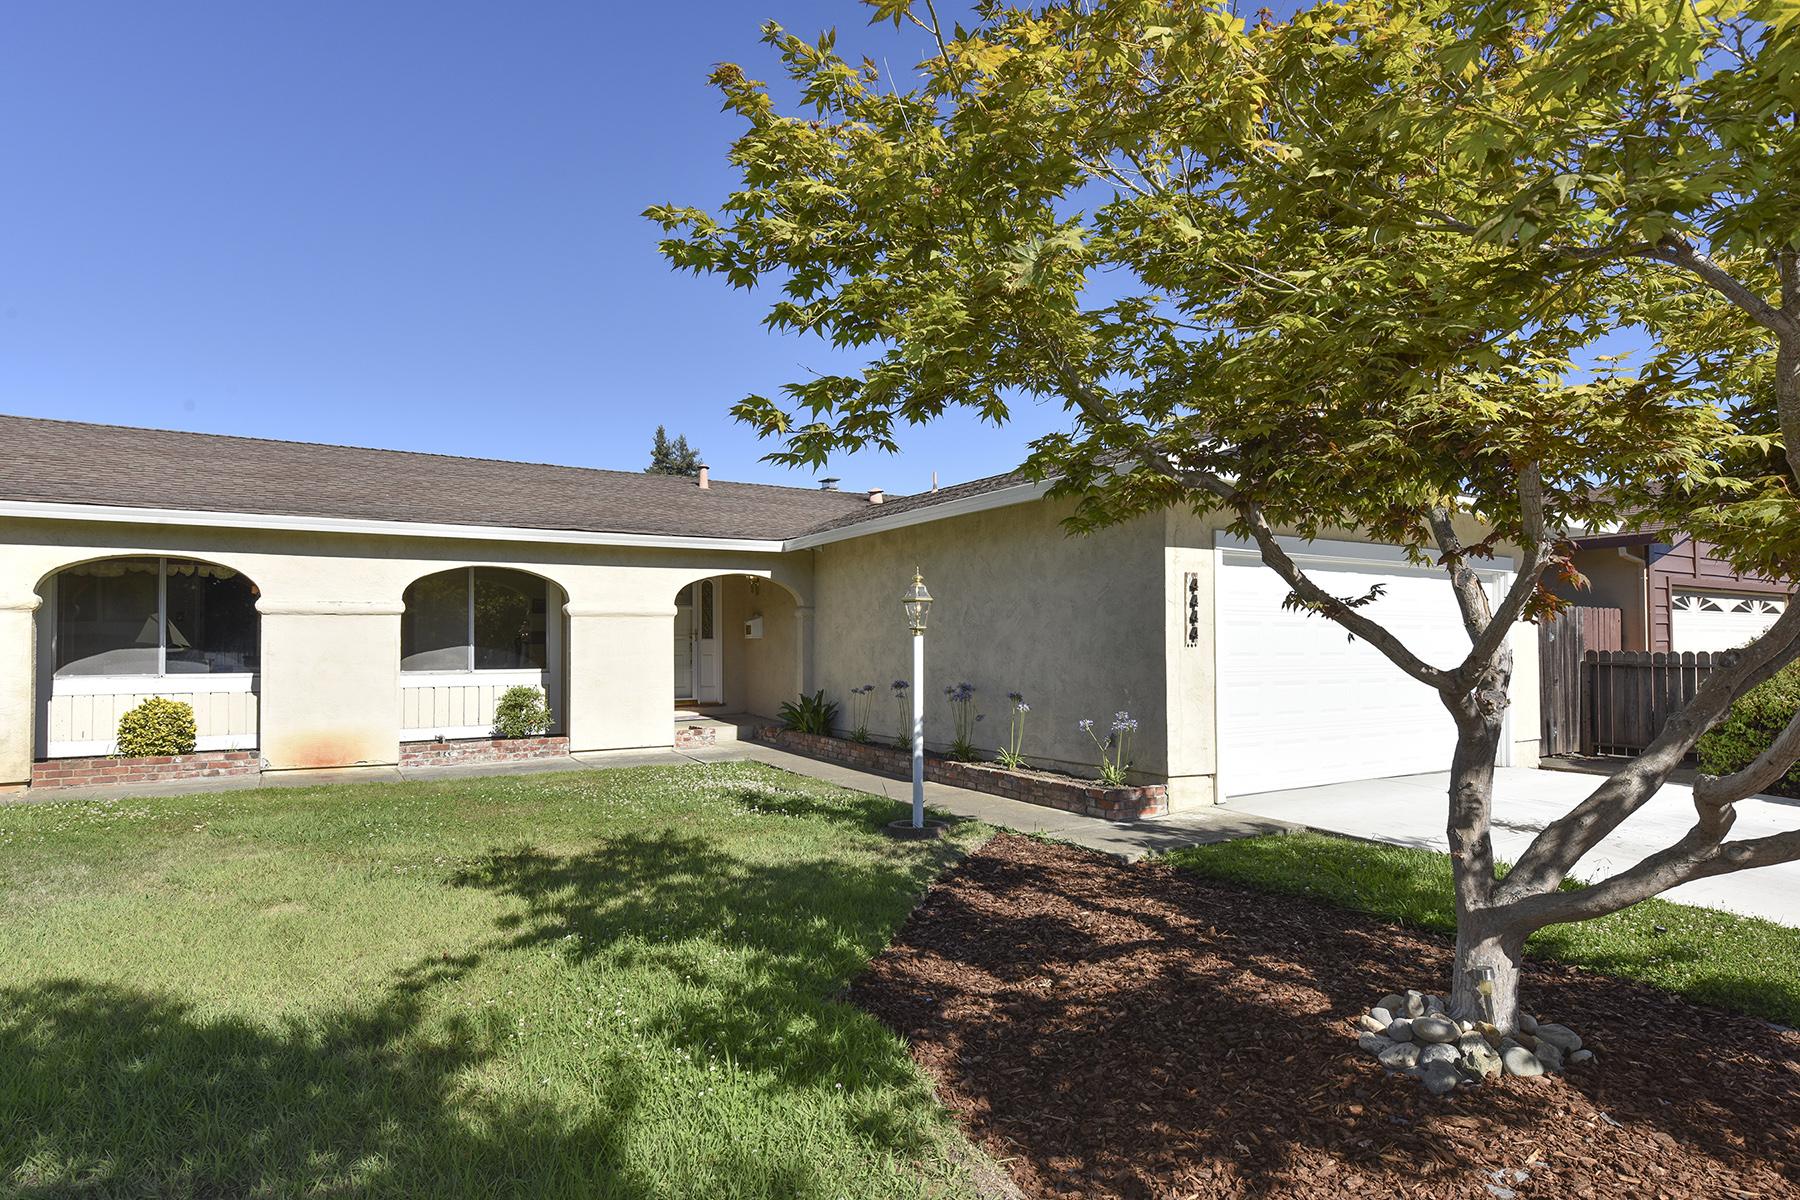 Nhà ở một gia đình vì Bán tại 4444 Moffitt Dr, Napa, CA 94558 4444 Moffitt Dr Napa, California, 94558 Hoa Kỳ